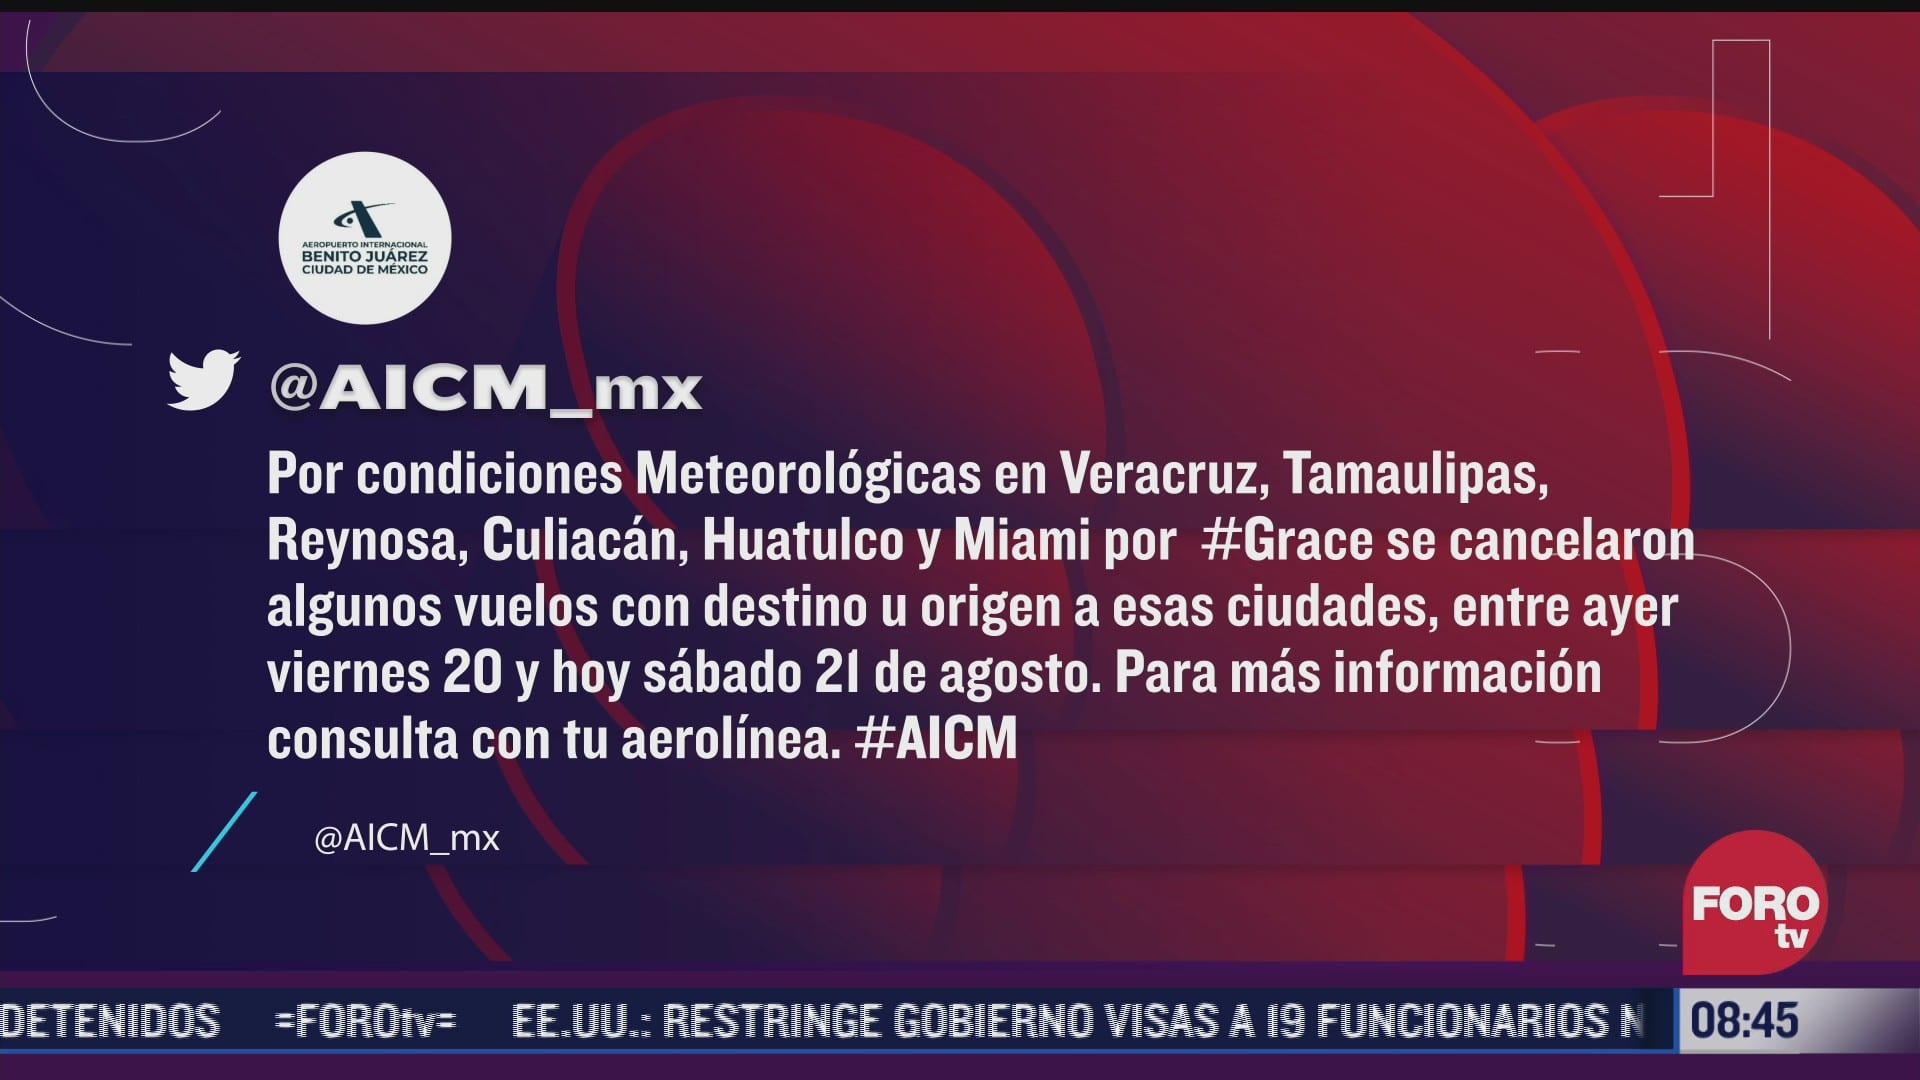 aeropuerto aicm cancela vuelos por huracan grace